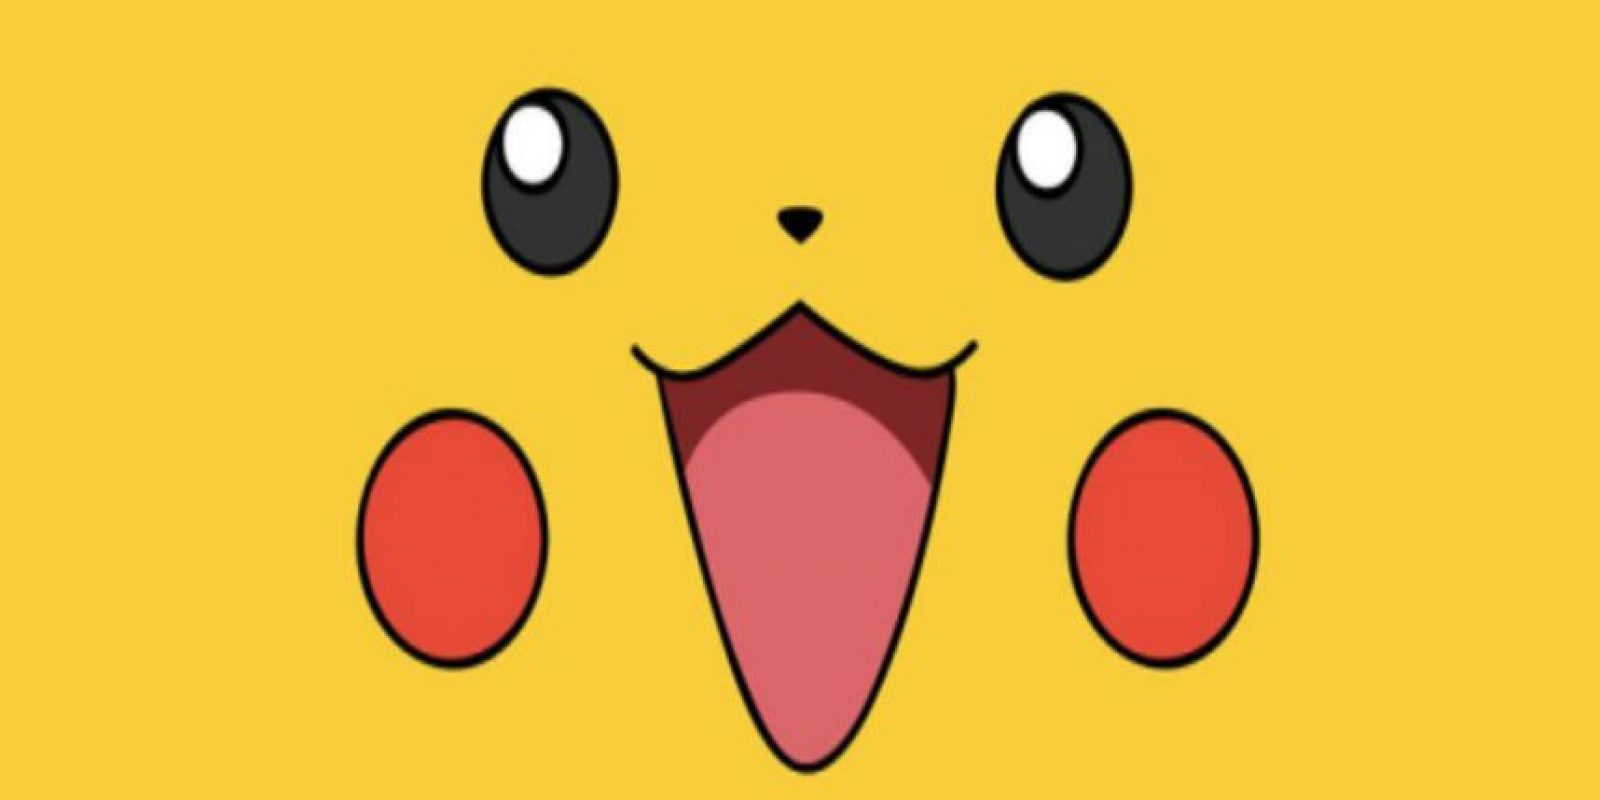 Que se llevará a cabo el siguiente sábado. Foto:Pokémon. Imagen Por: